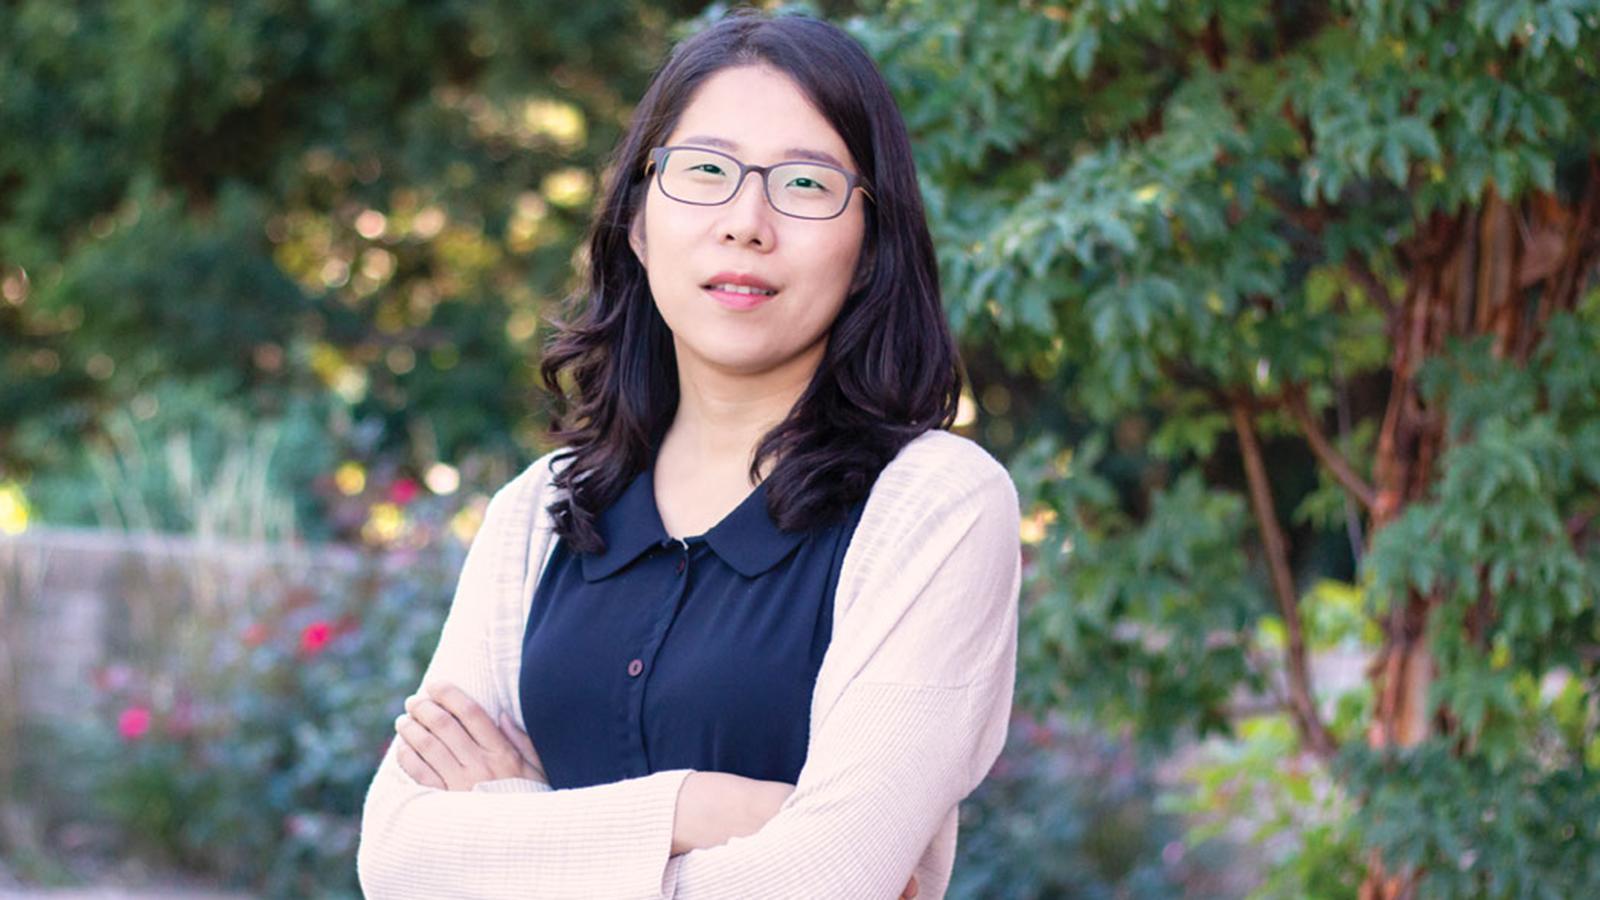 Jessica Namkung